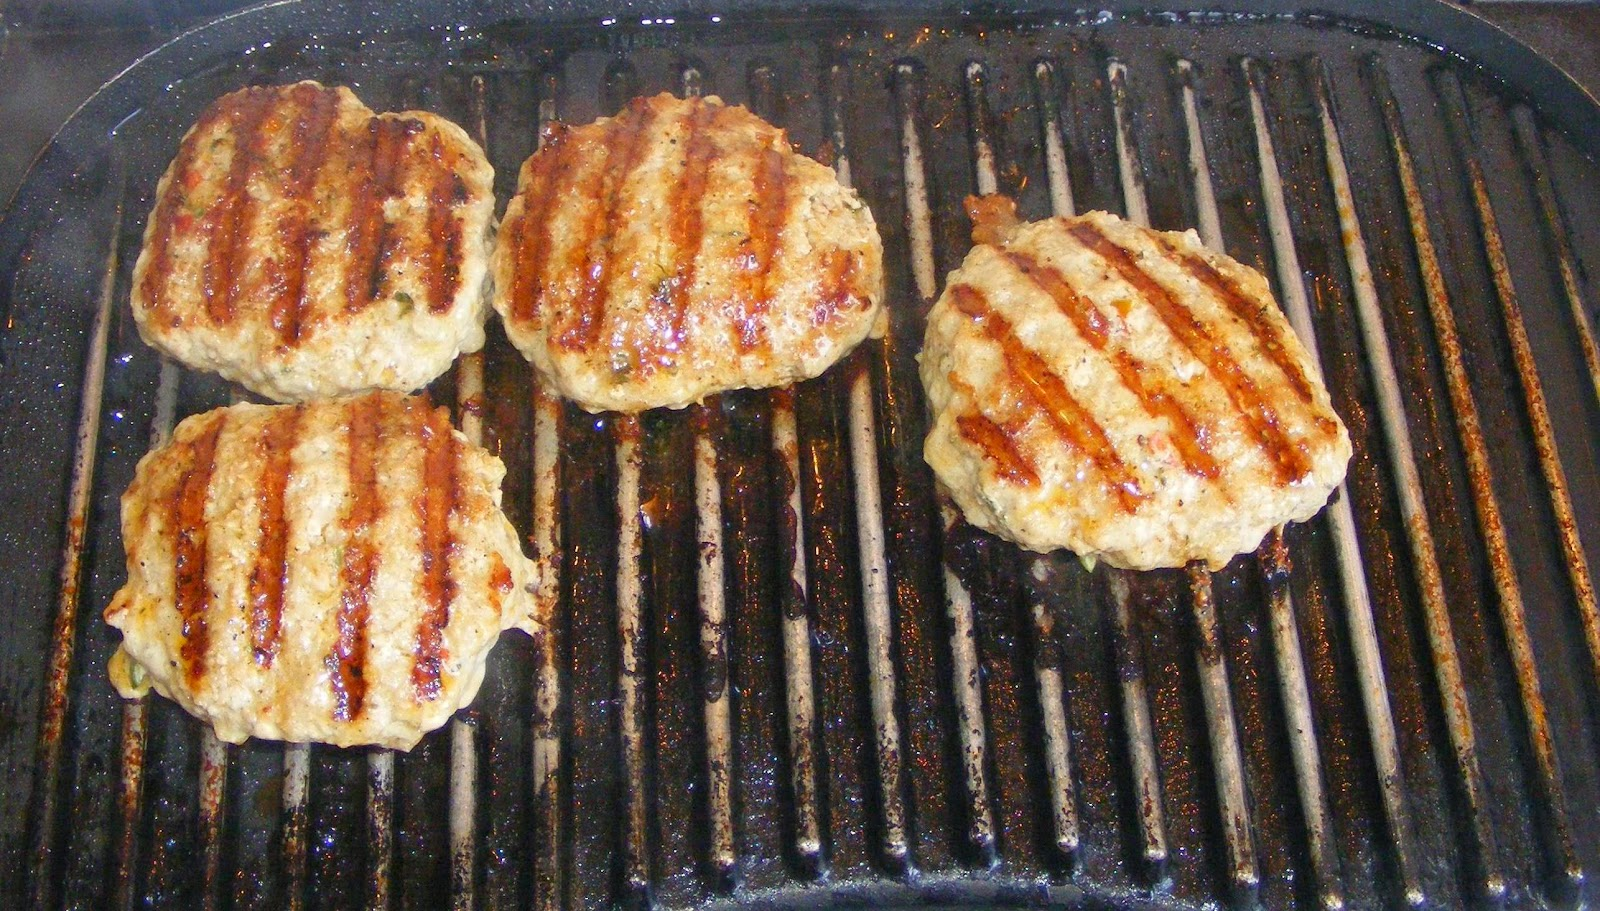 hamburger, chiftea, chiftele, carne de carnati, chiftea din carne tocata, chiftea din carne de carnati, hamburger de porc, carne tocata pentru hamburger, retete cu porc, retete pentru gratar, retete de mancare, retete culinare, chiftele la gratar,